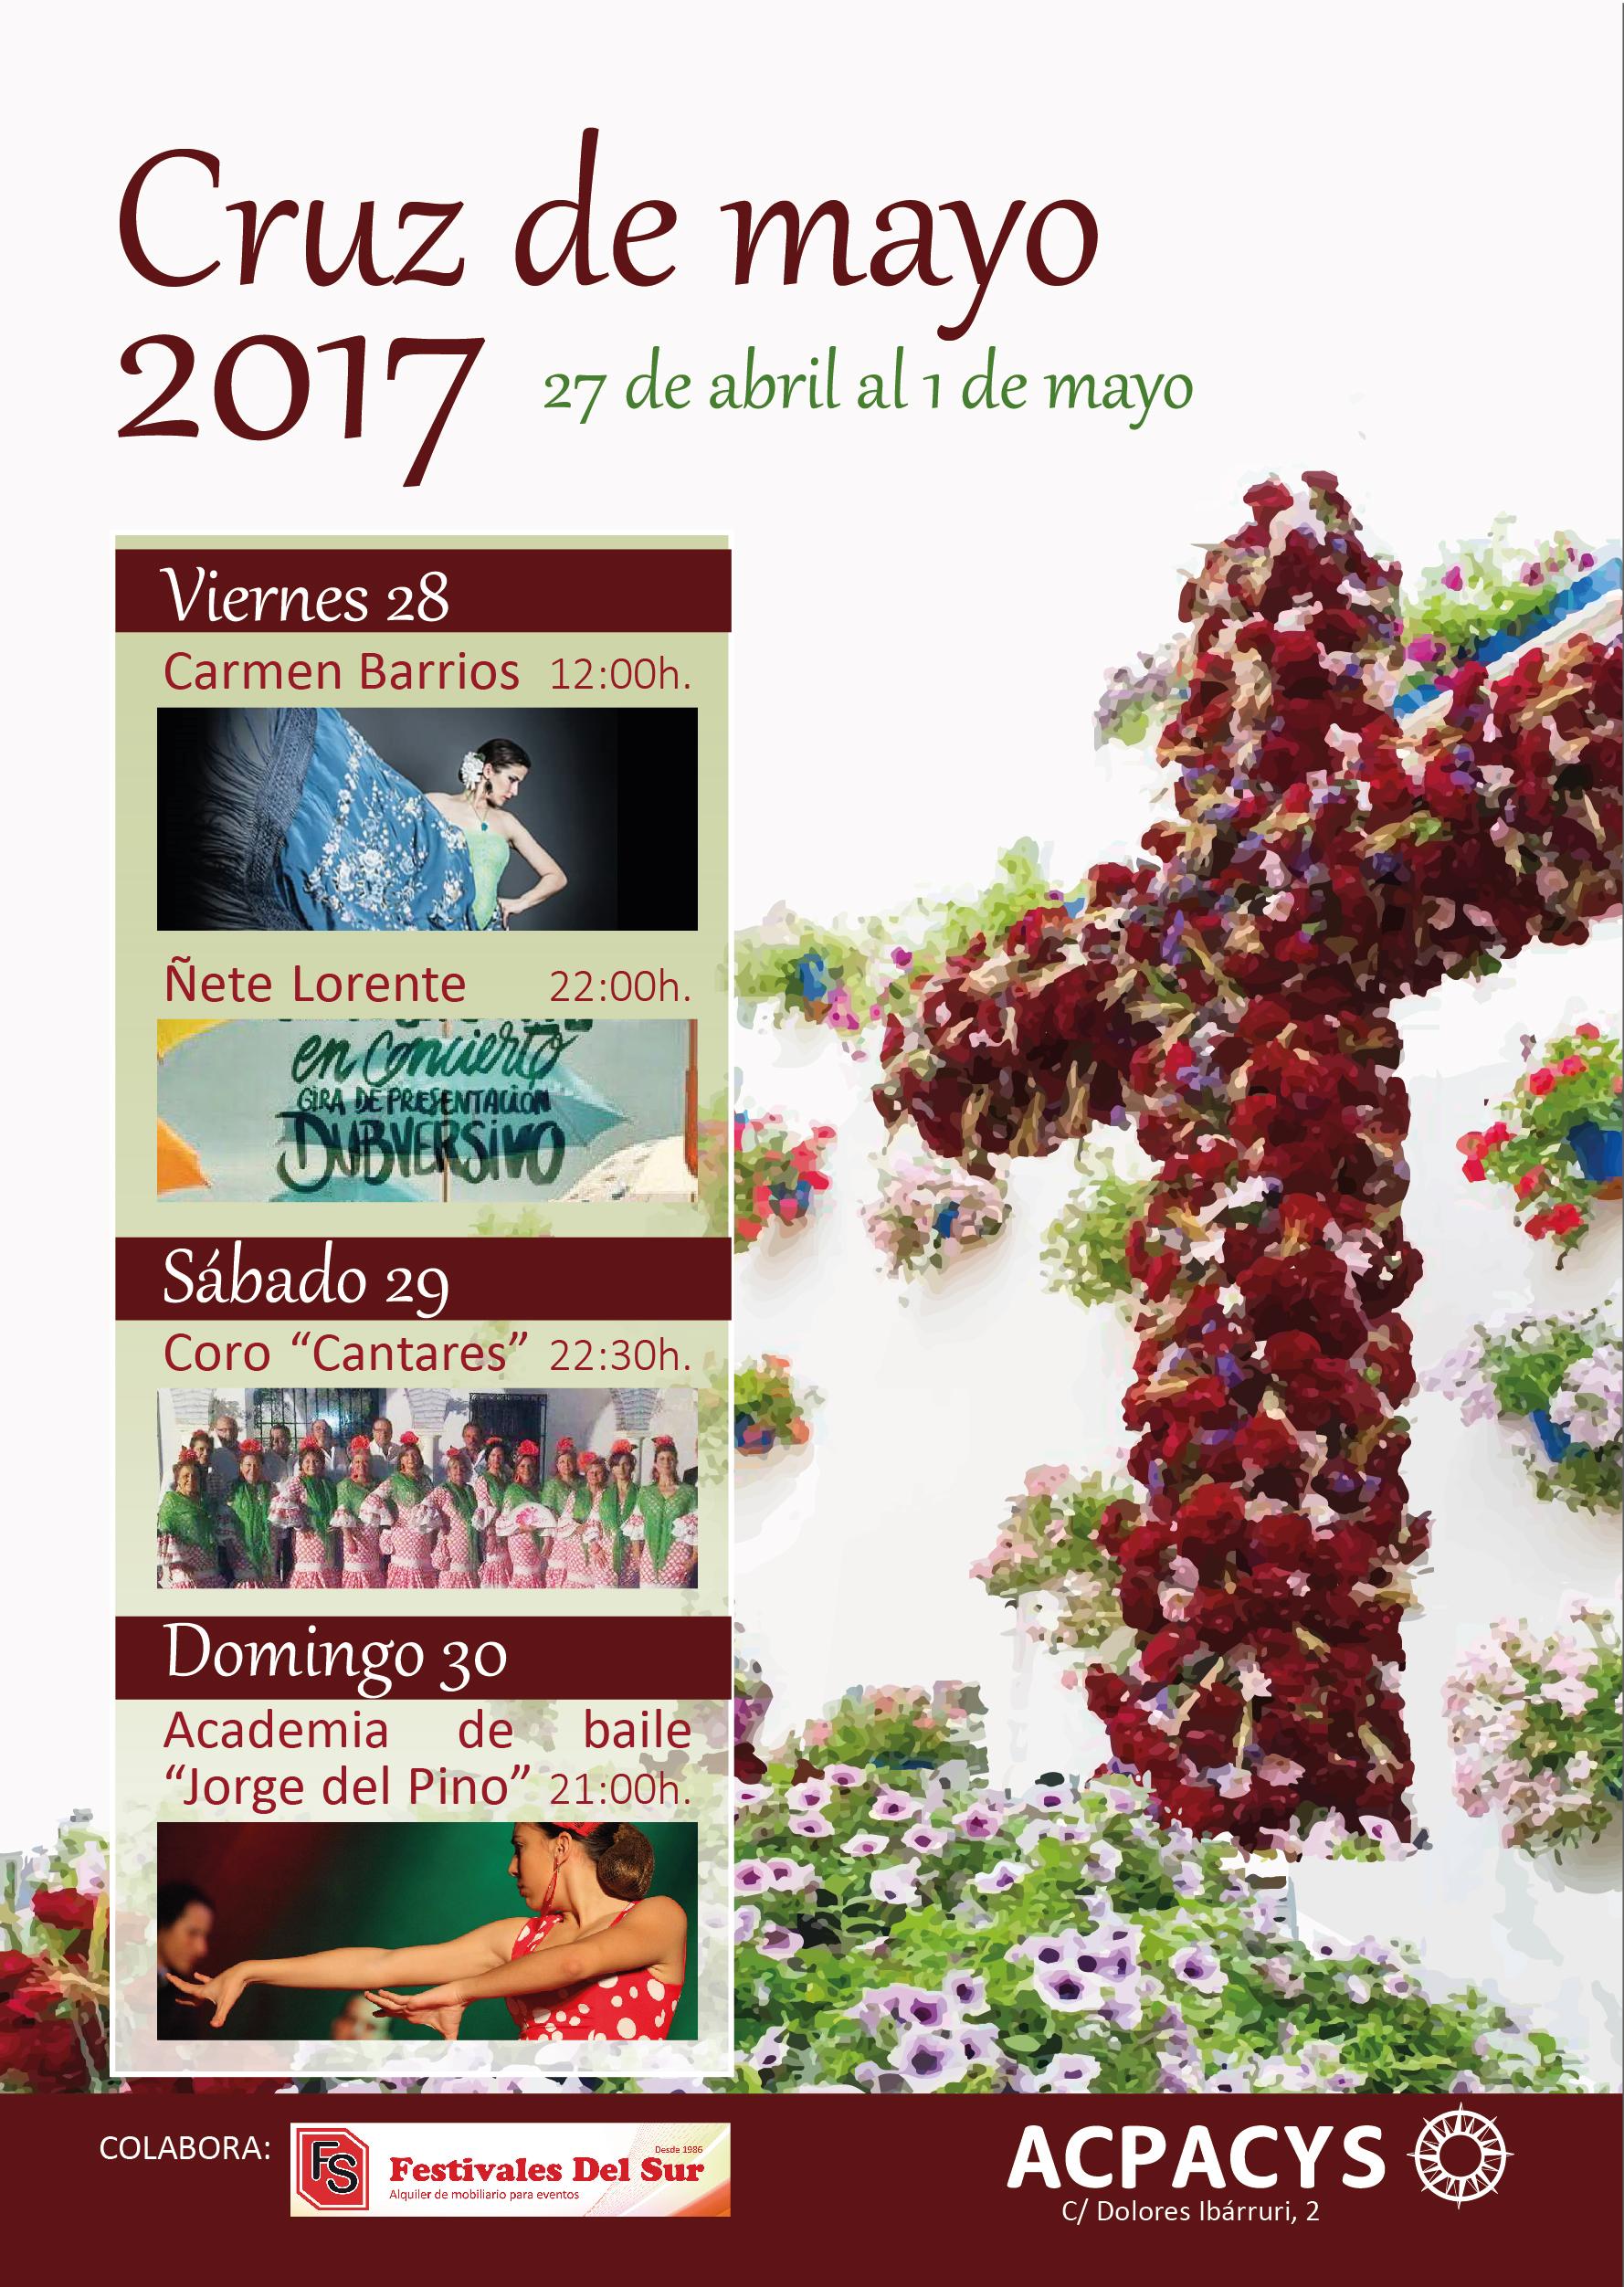 Cartel Cruz de mayo 2017-01